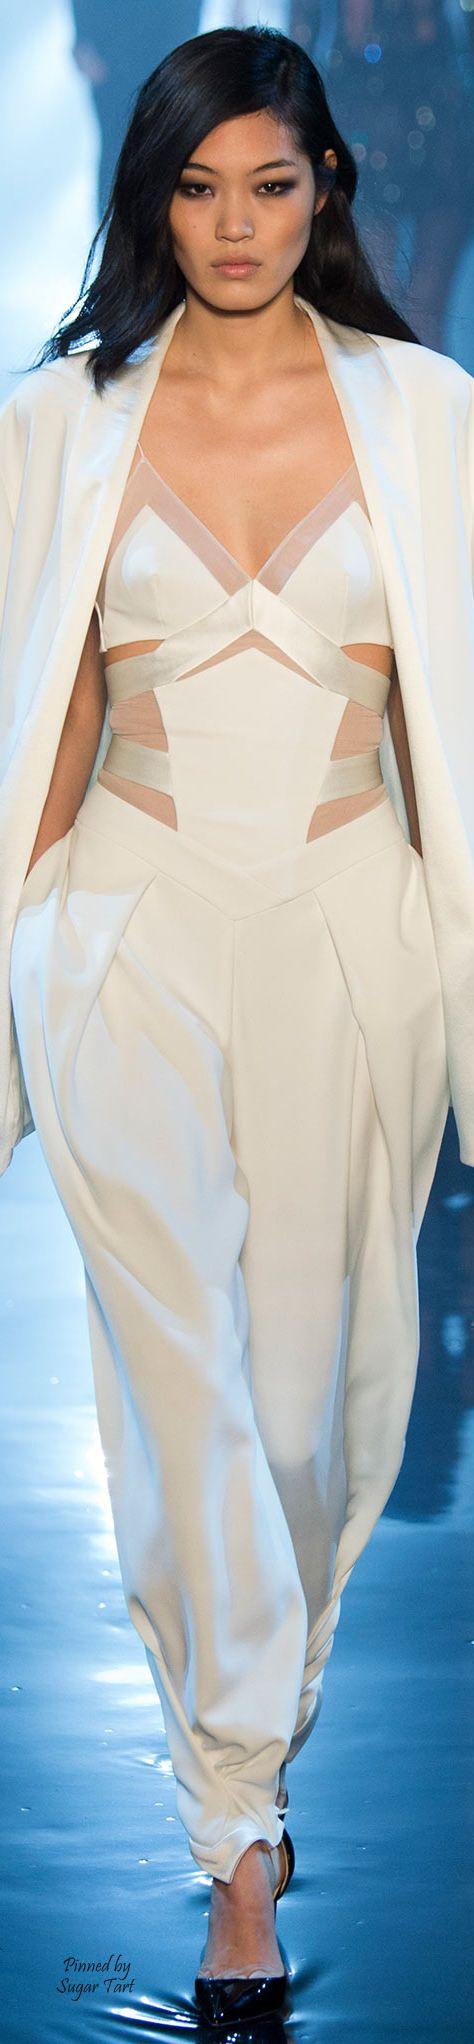 #Farbbberatung #Stilberatung #Farbenreich mit www.farben-reich.com Alexandre Vauthier Spring 2015 Haute Couture